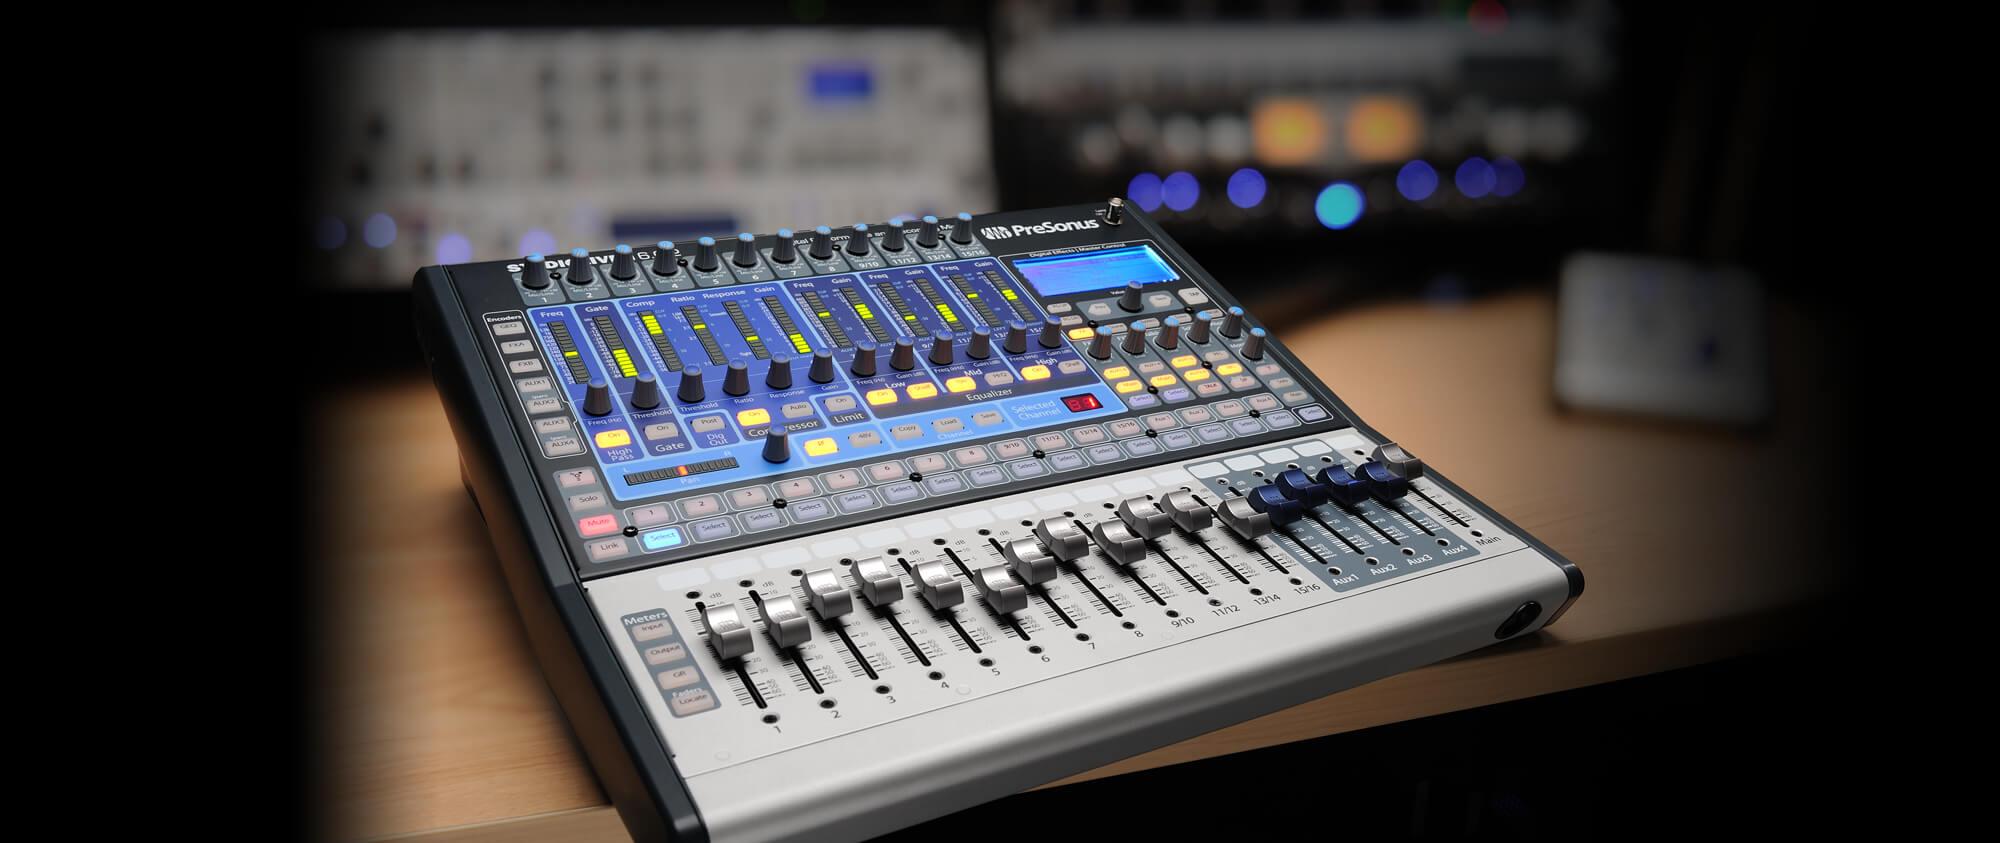 Presonus studio live 16.0.2USB